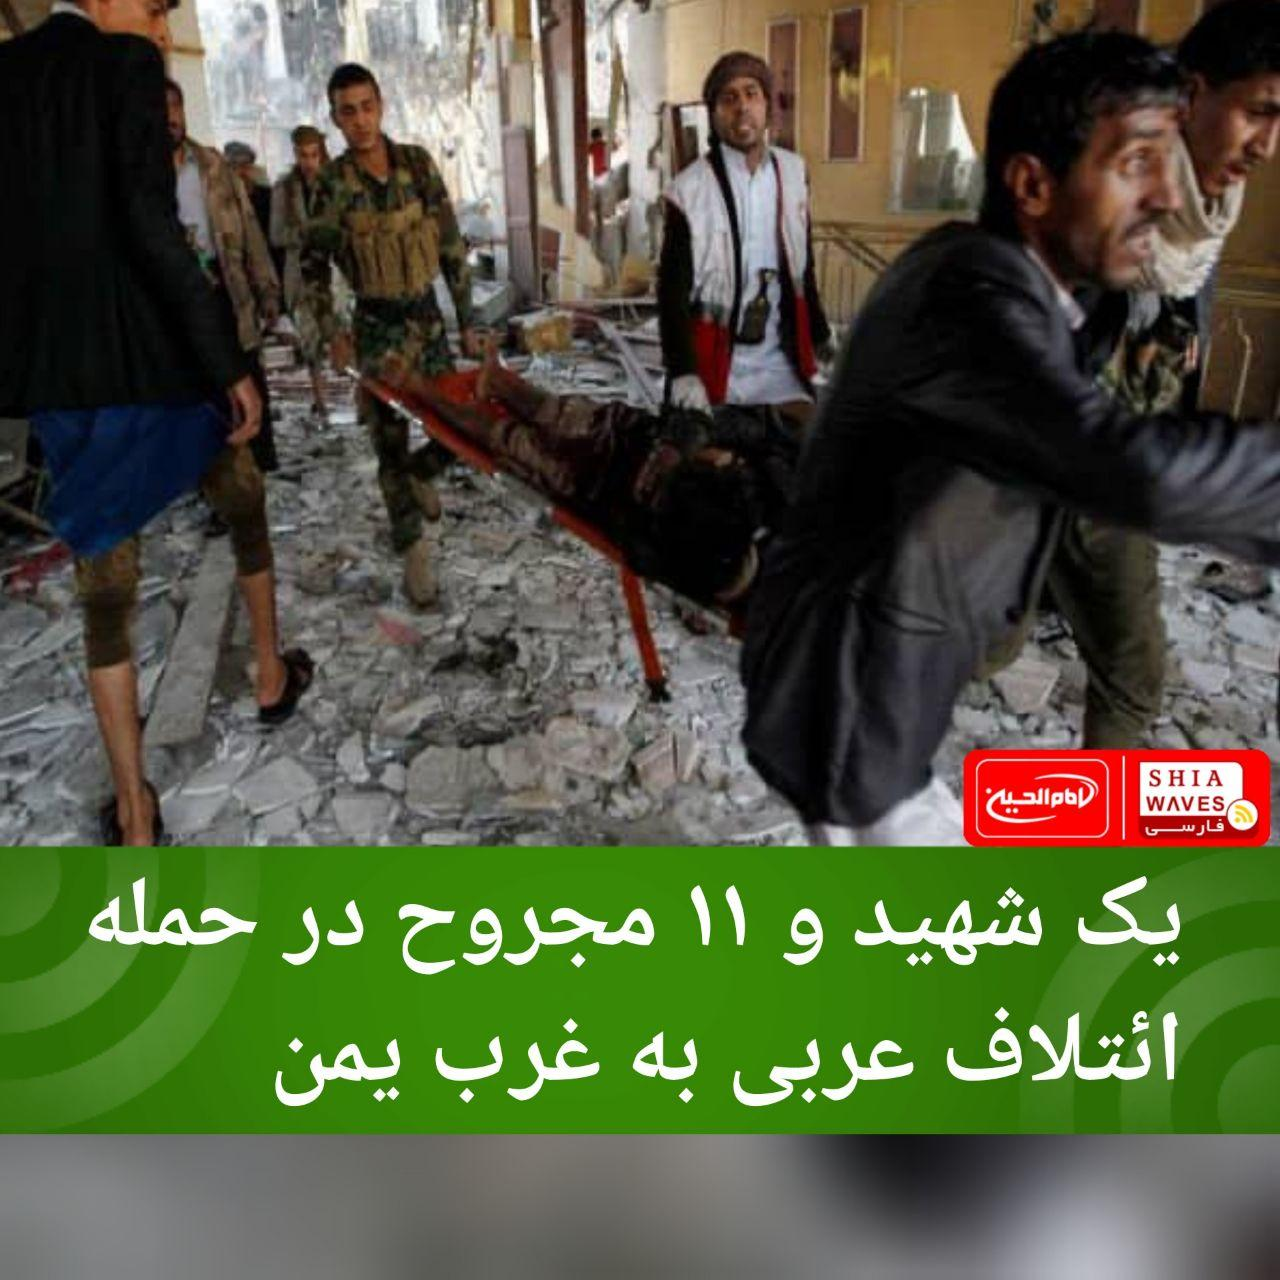 تصویر یک شهید و ۱۱ مجروح در حمله ائتلاف عربی به غرب یمن